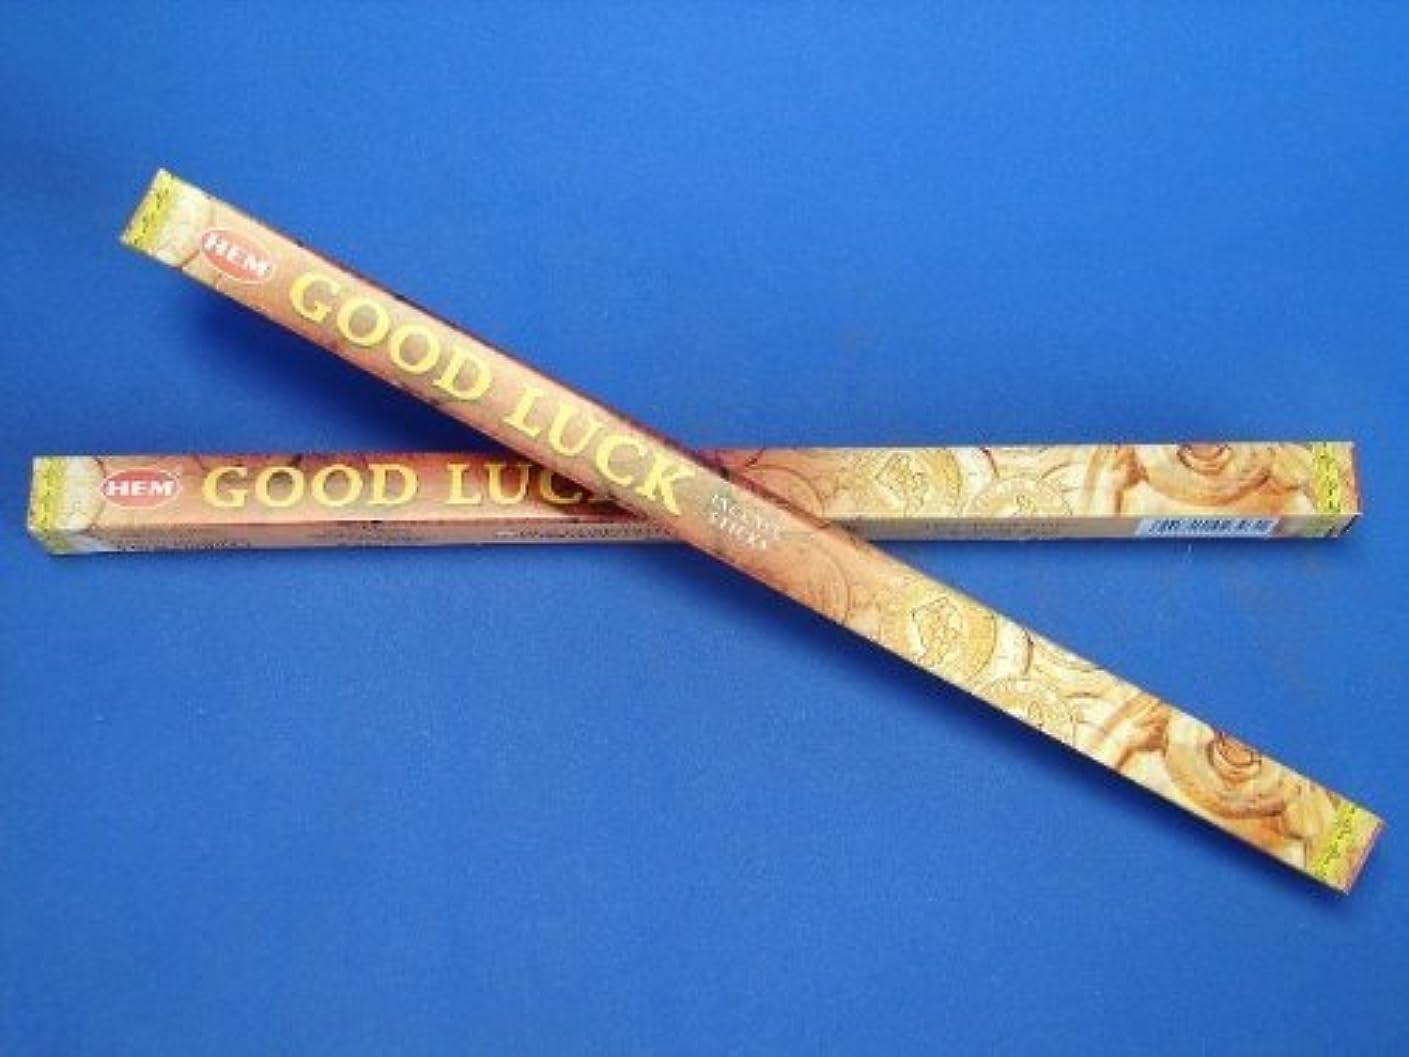 関数抑制するパース4 Boxes of HEM Good Luck Incenses